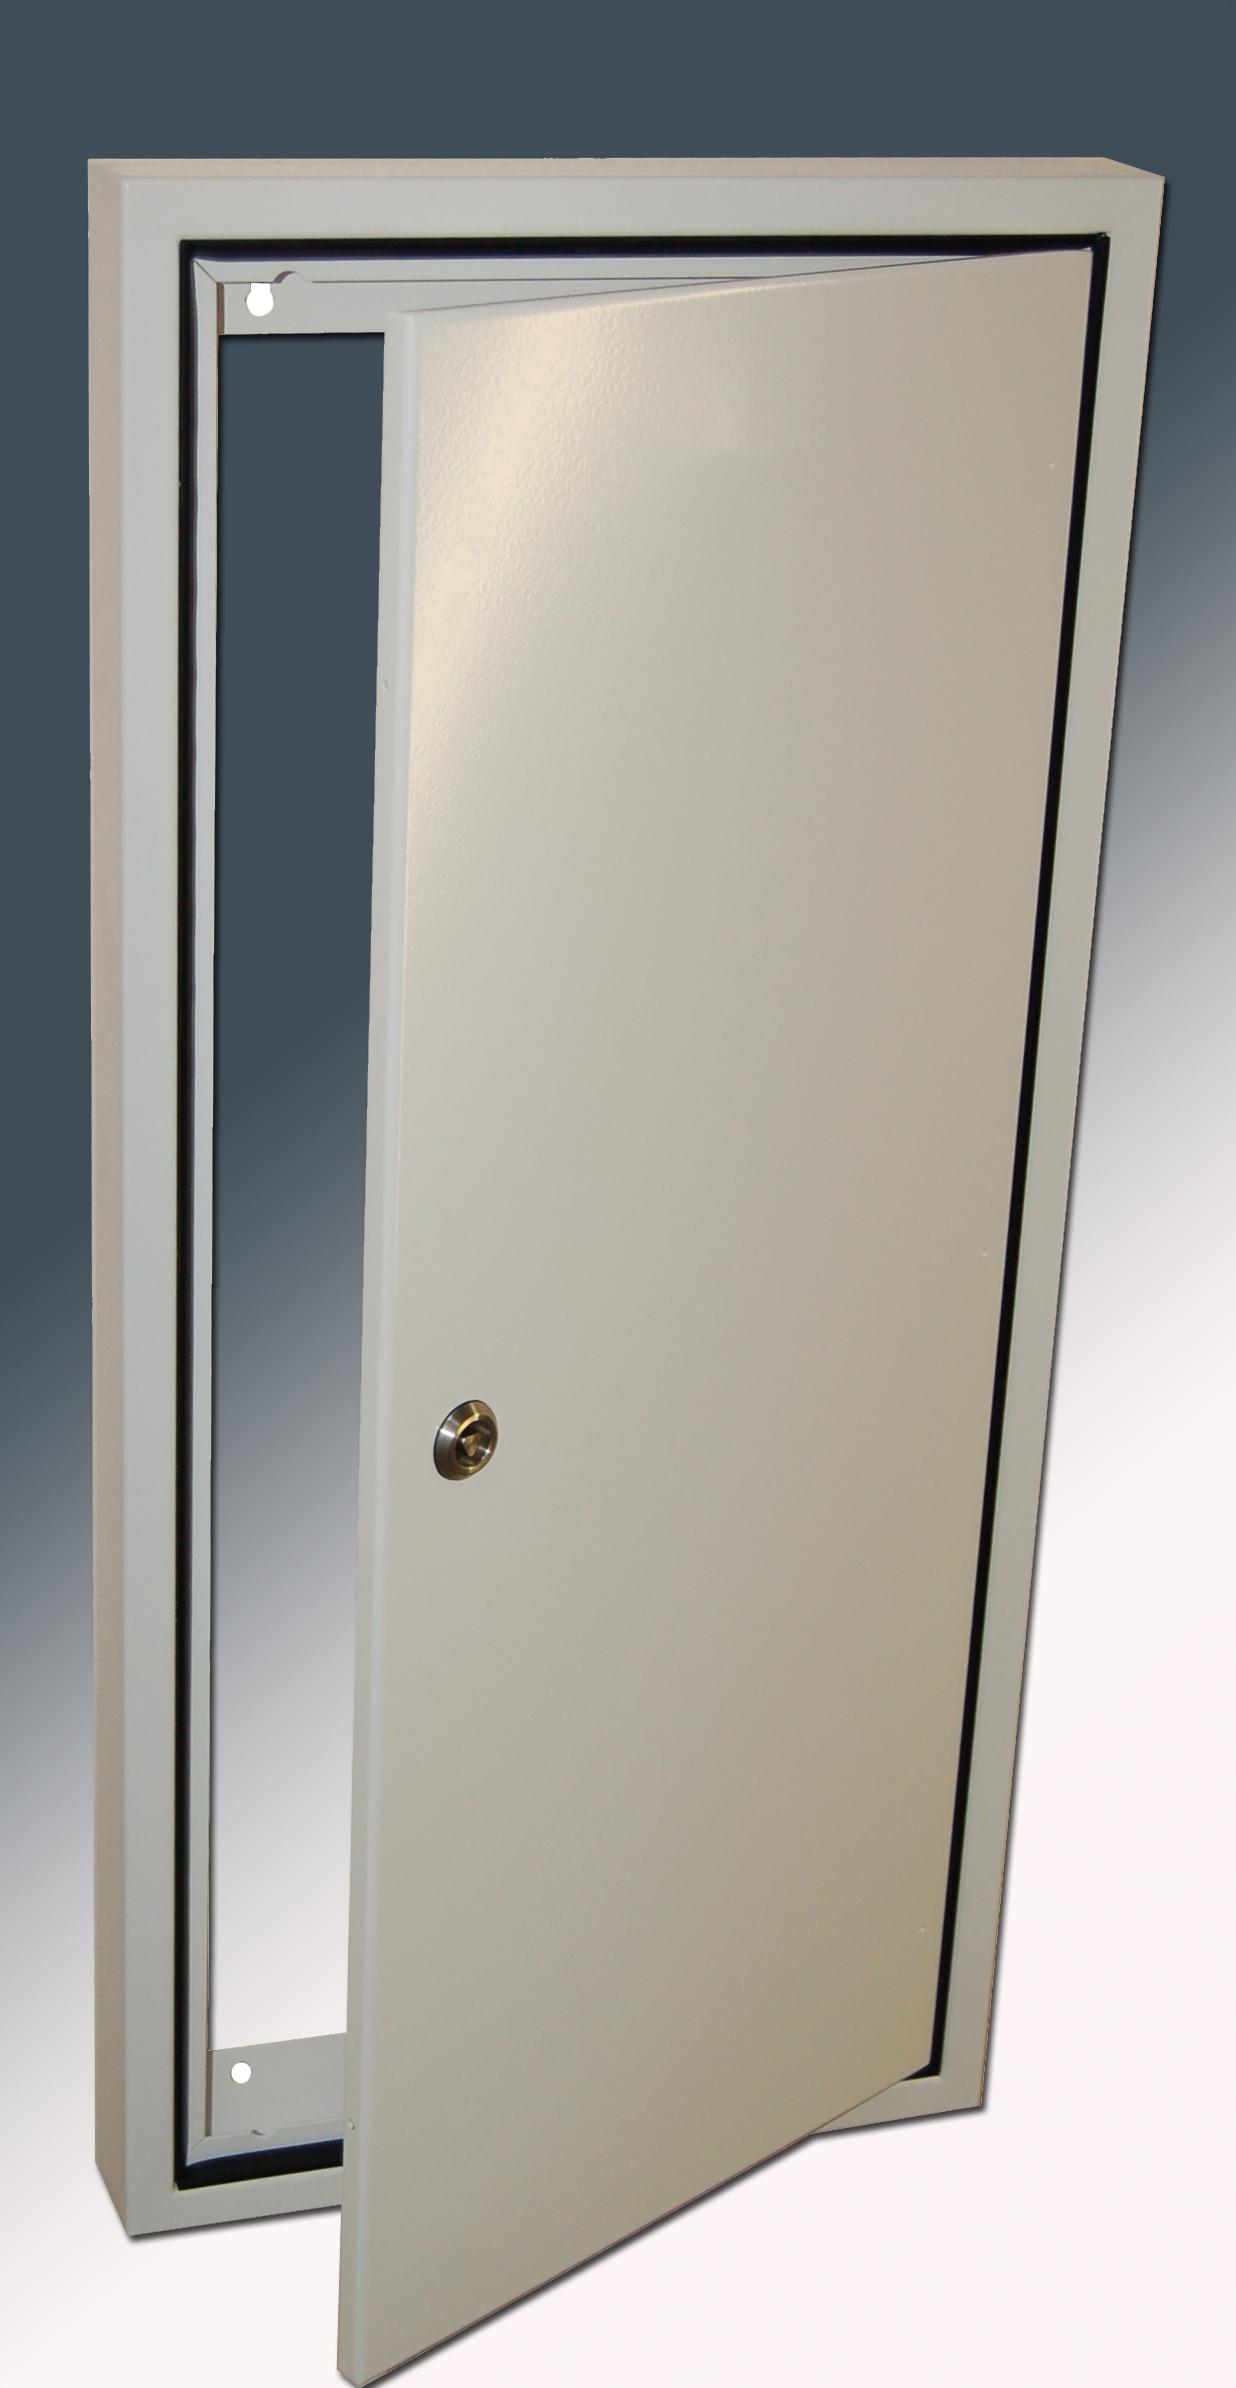 Puertas blindadas barcelona precios blindada sapelly lisa - Puerta blindada precio ...